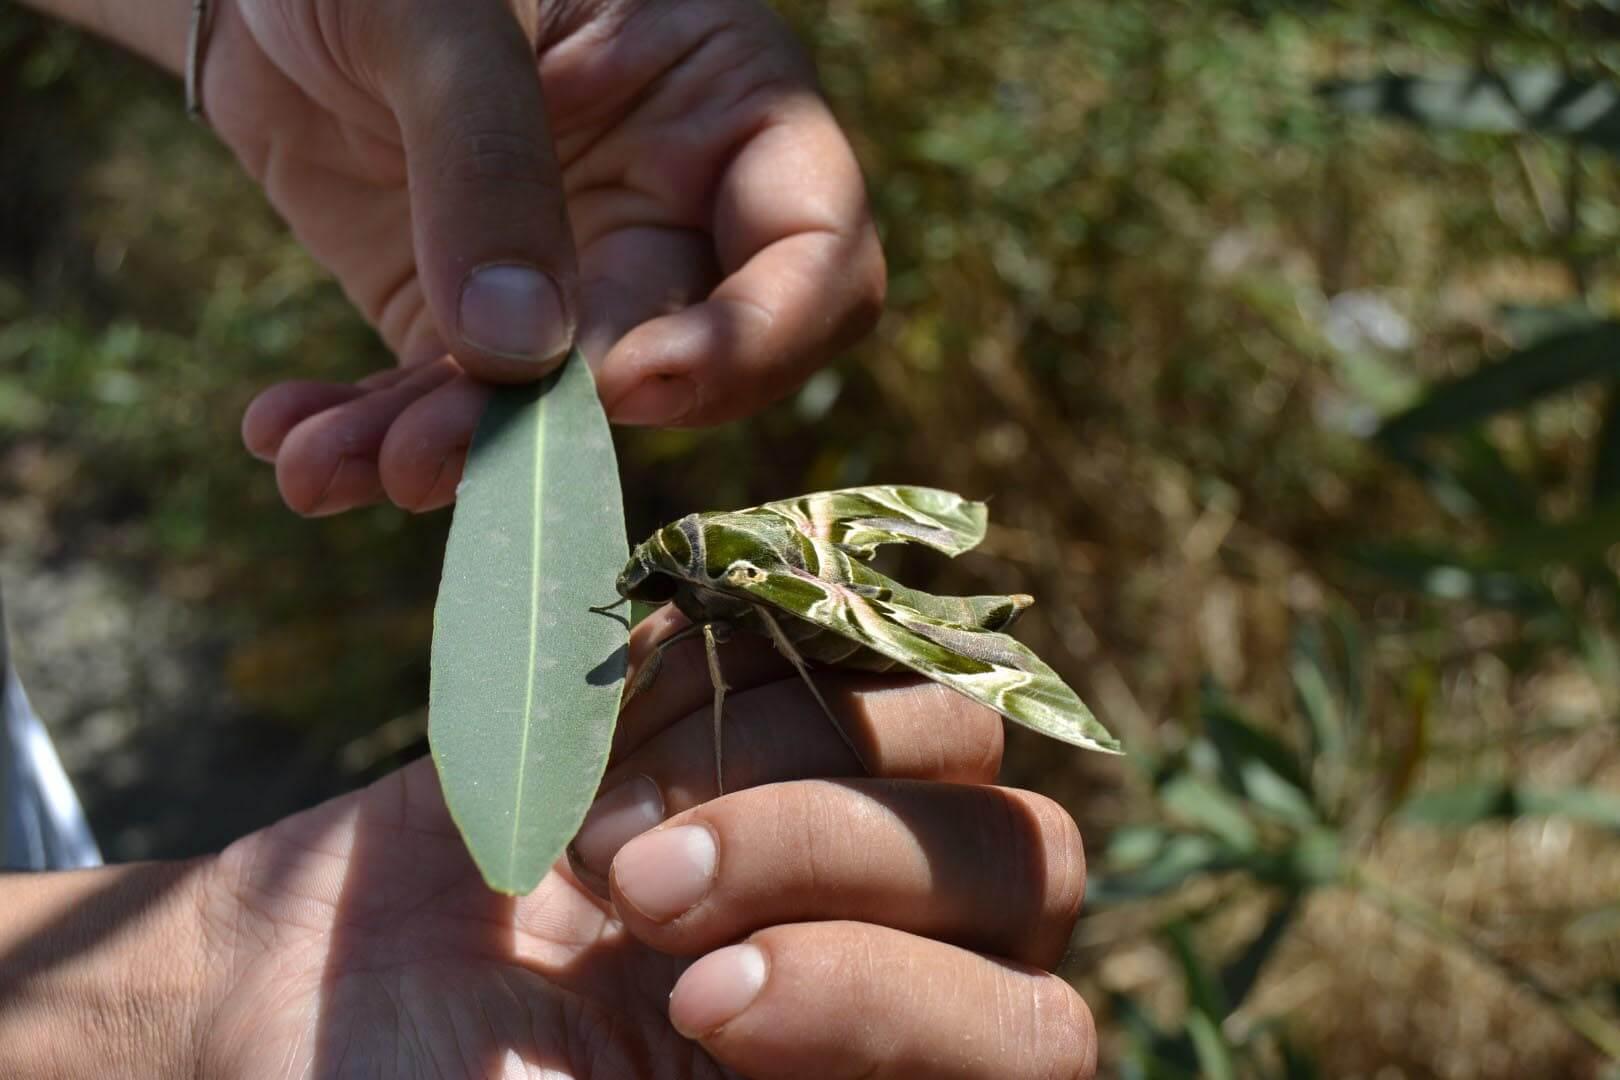 bitkin halde bulduğu mekik kelebeğini eliyle besliyor